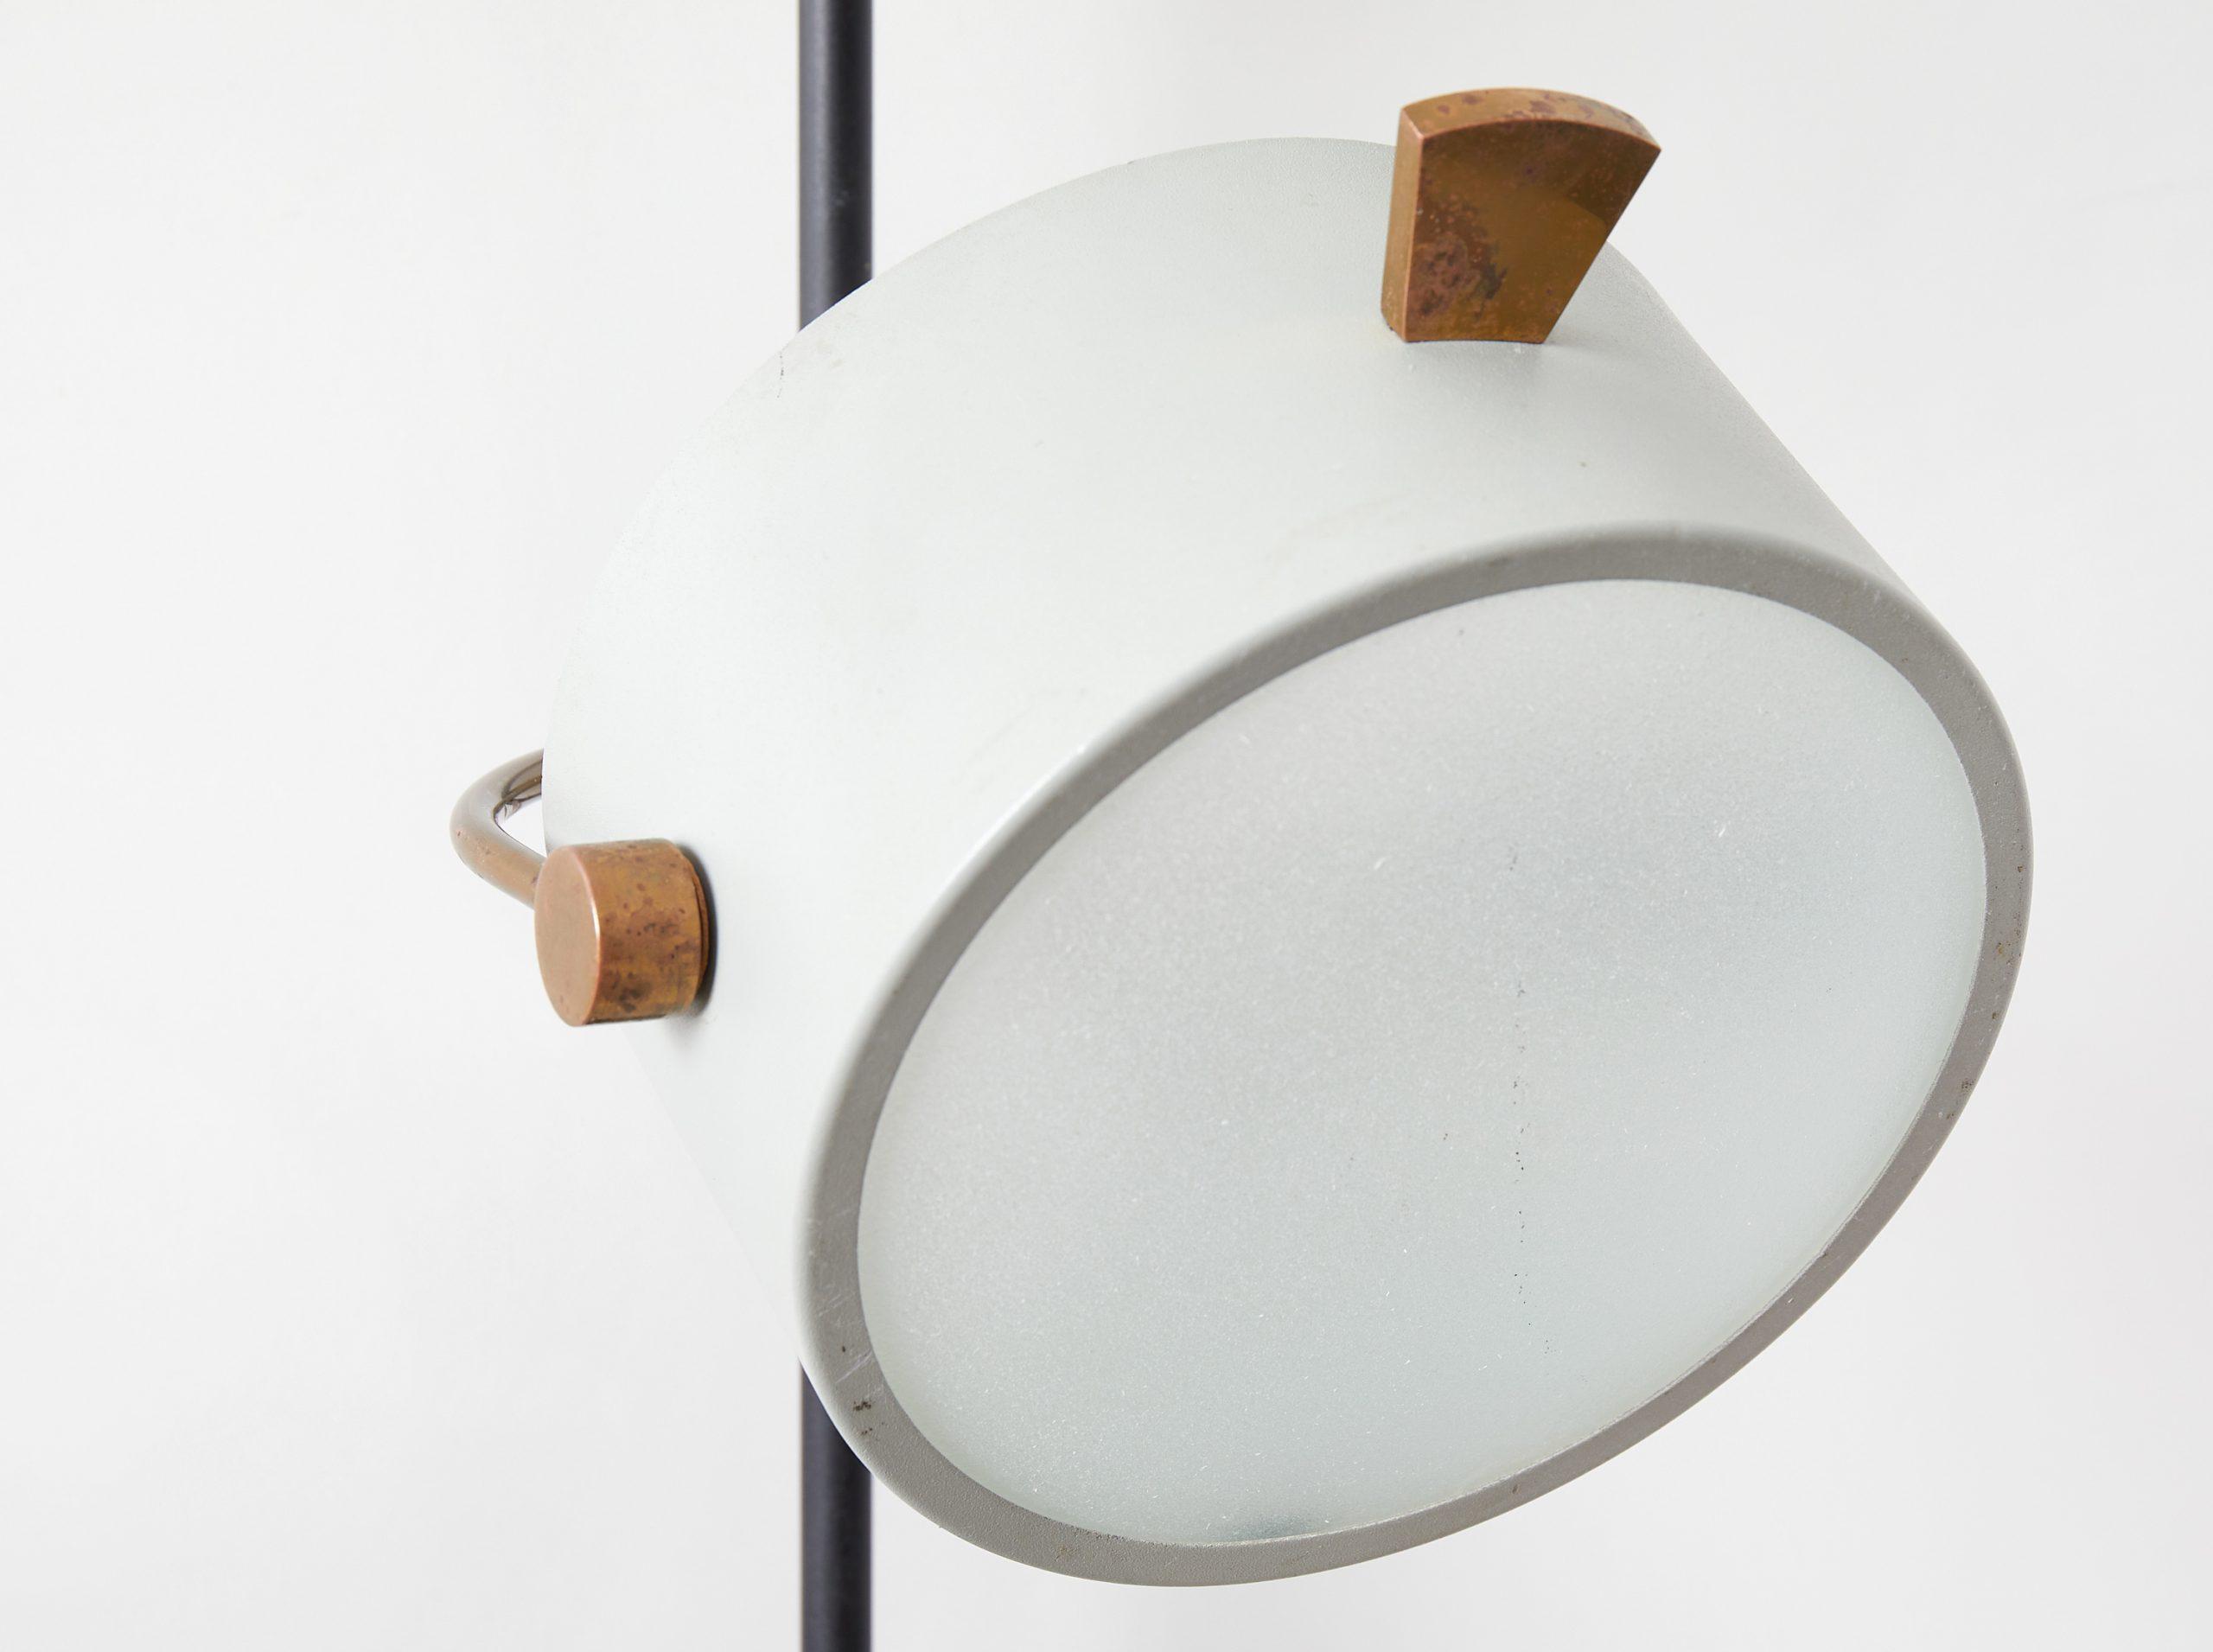 grande-applique-editions-lunel-a-trois-reflecteurs-image-10